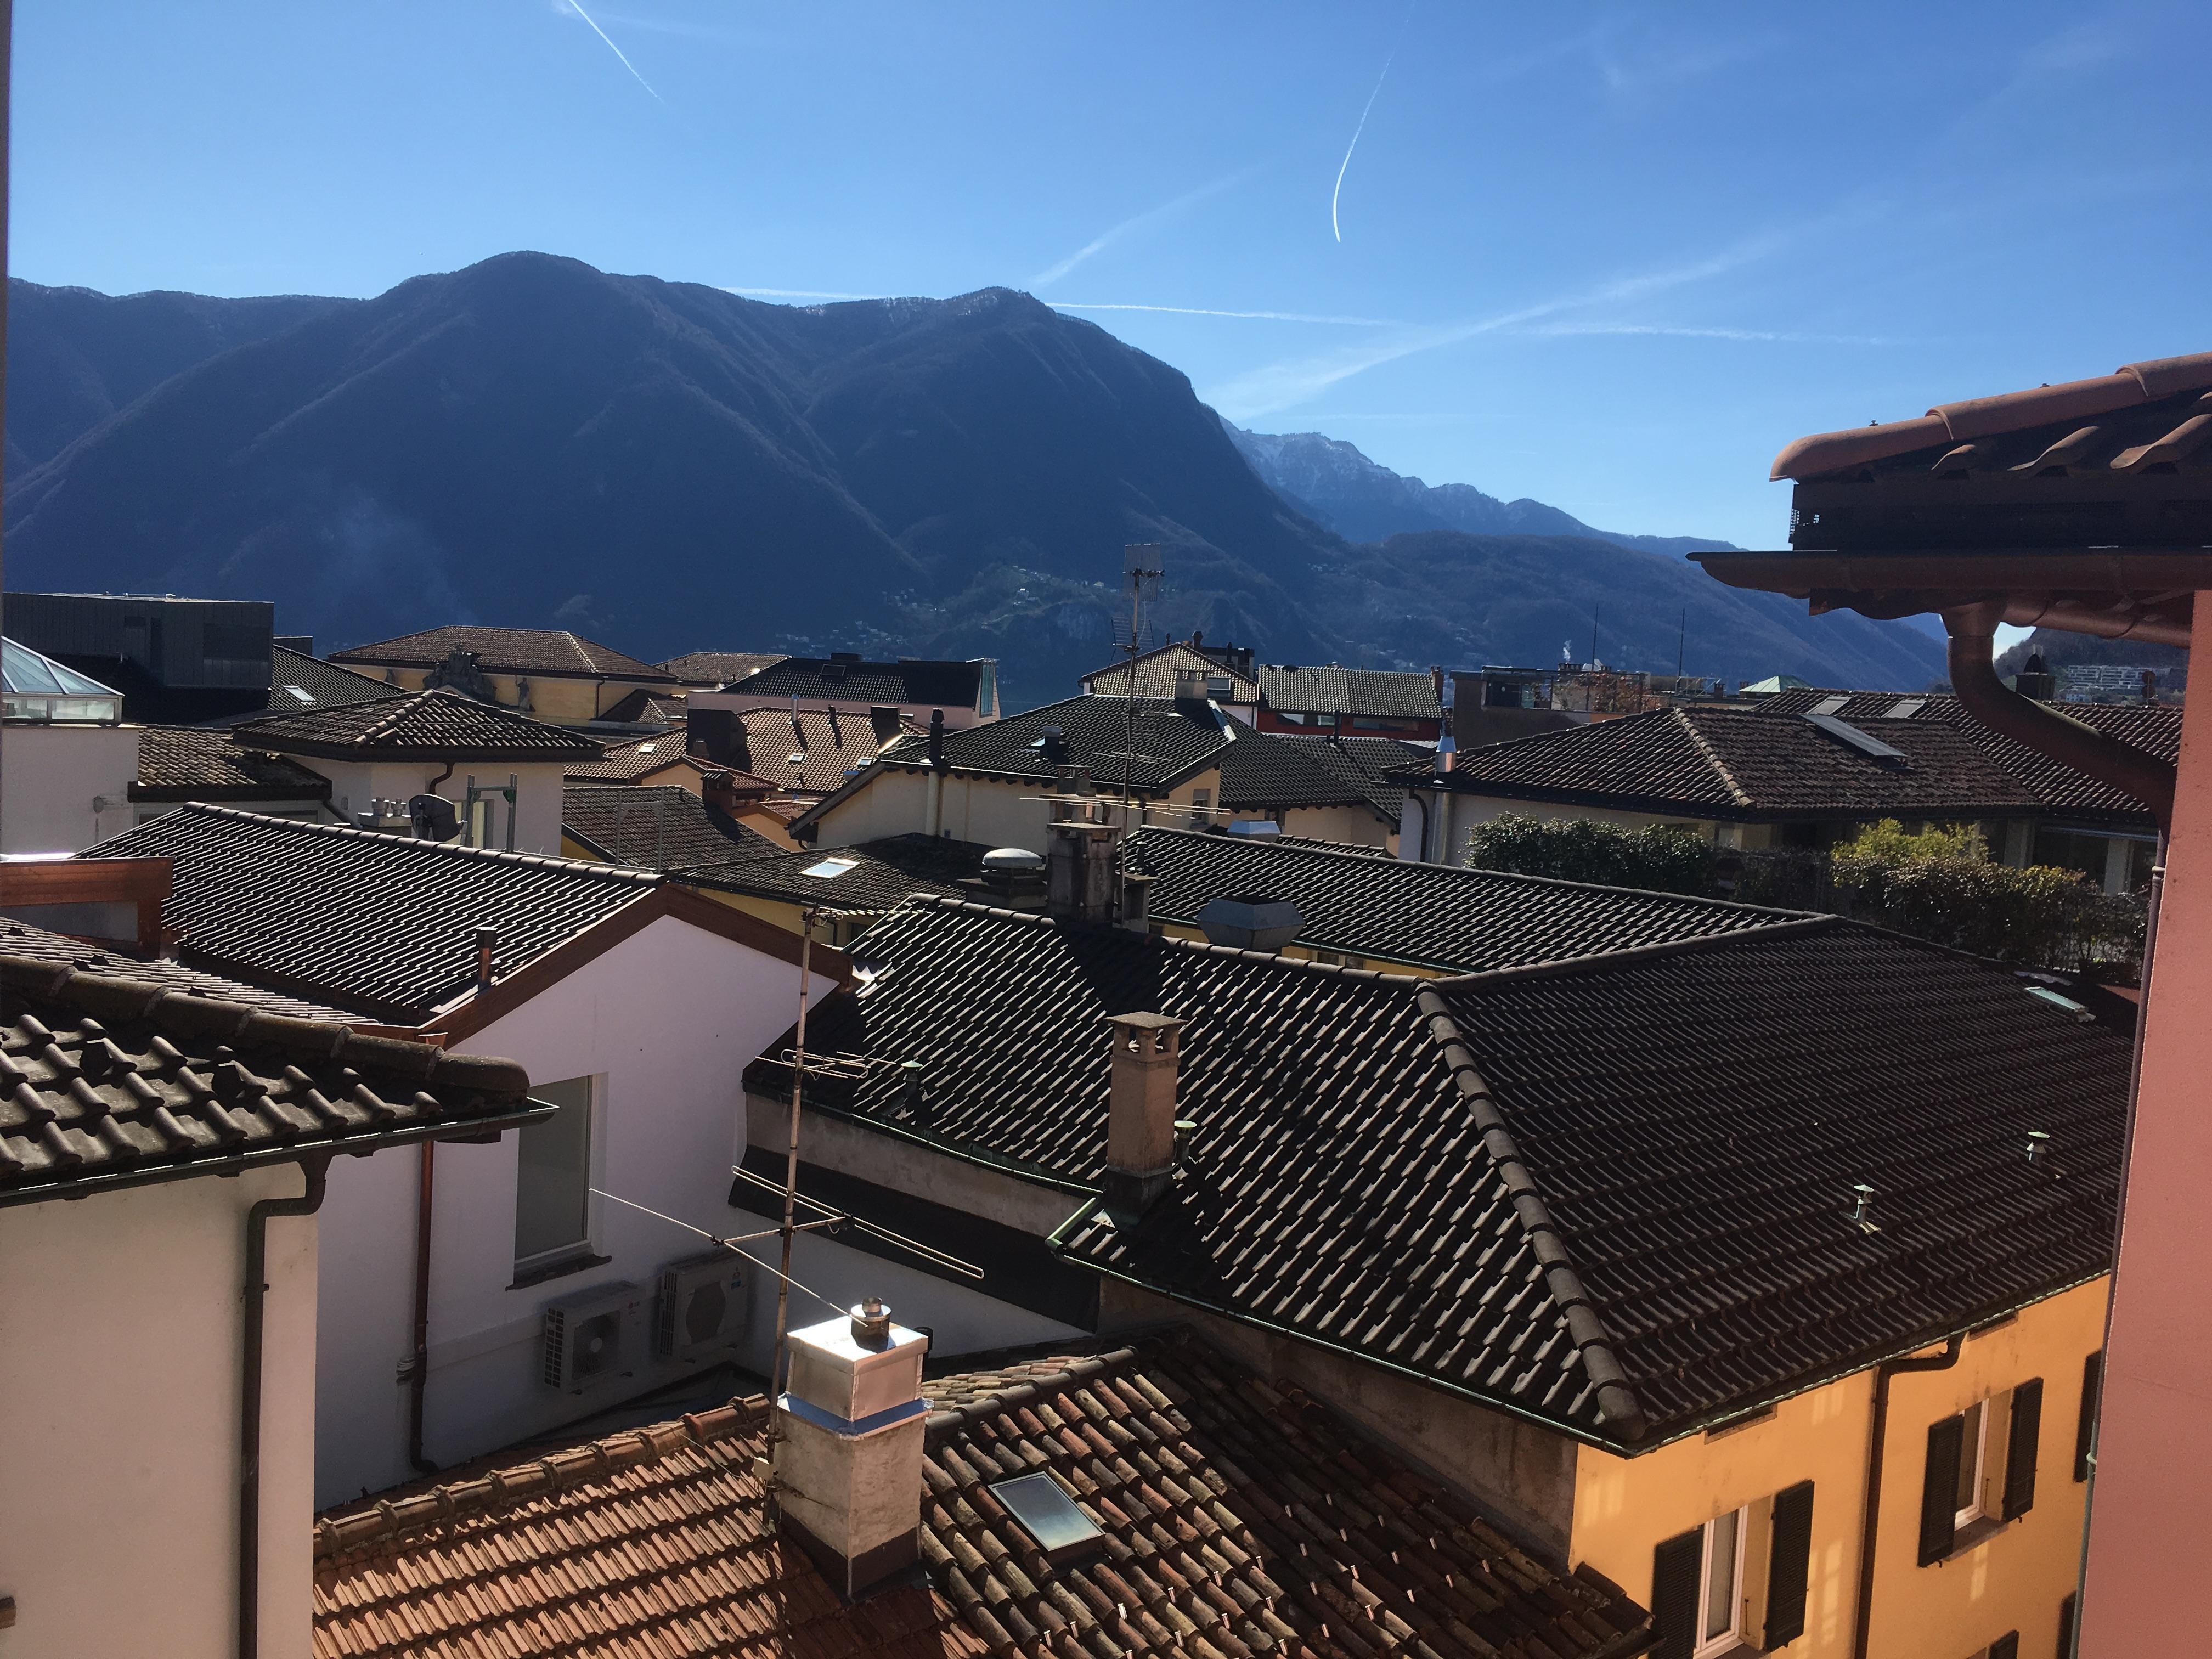 Bademglichkeiten um Gudo, Switzerland - dwellforward.org